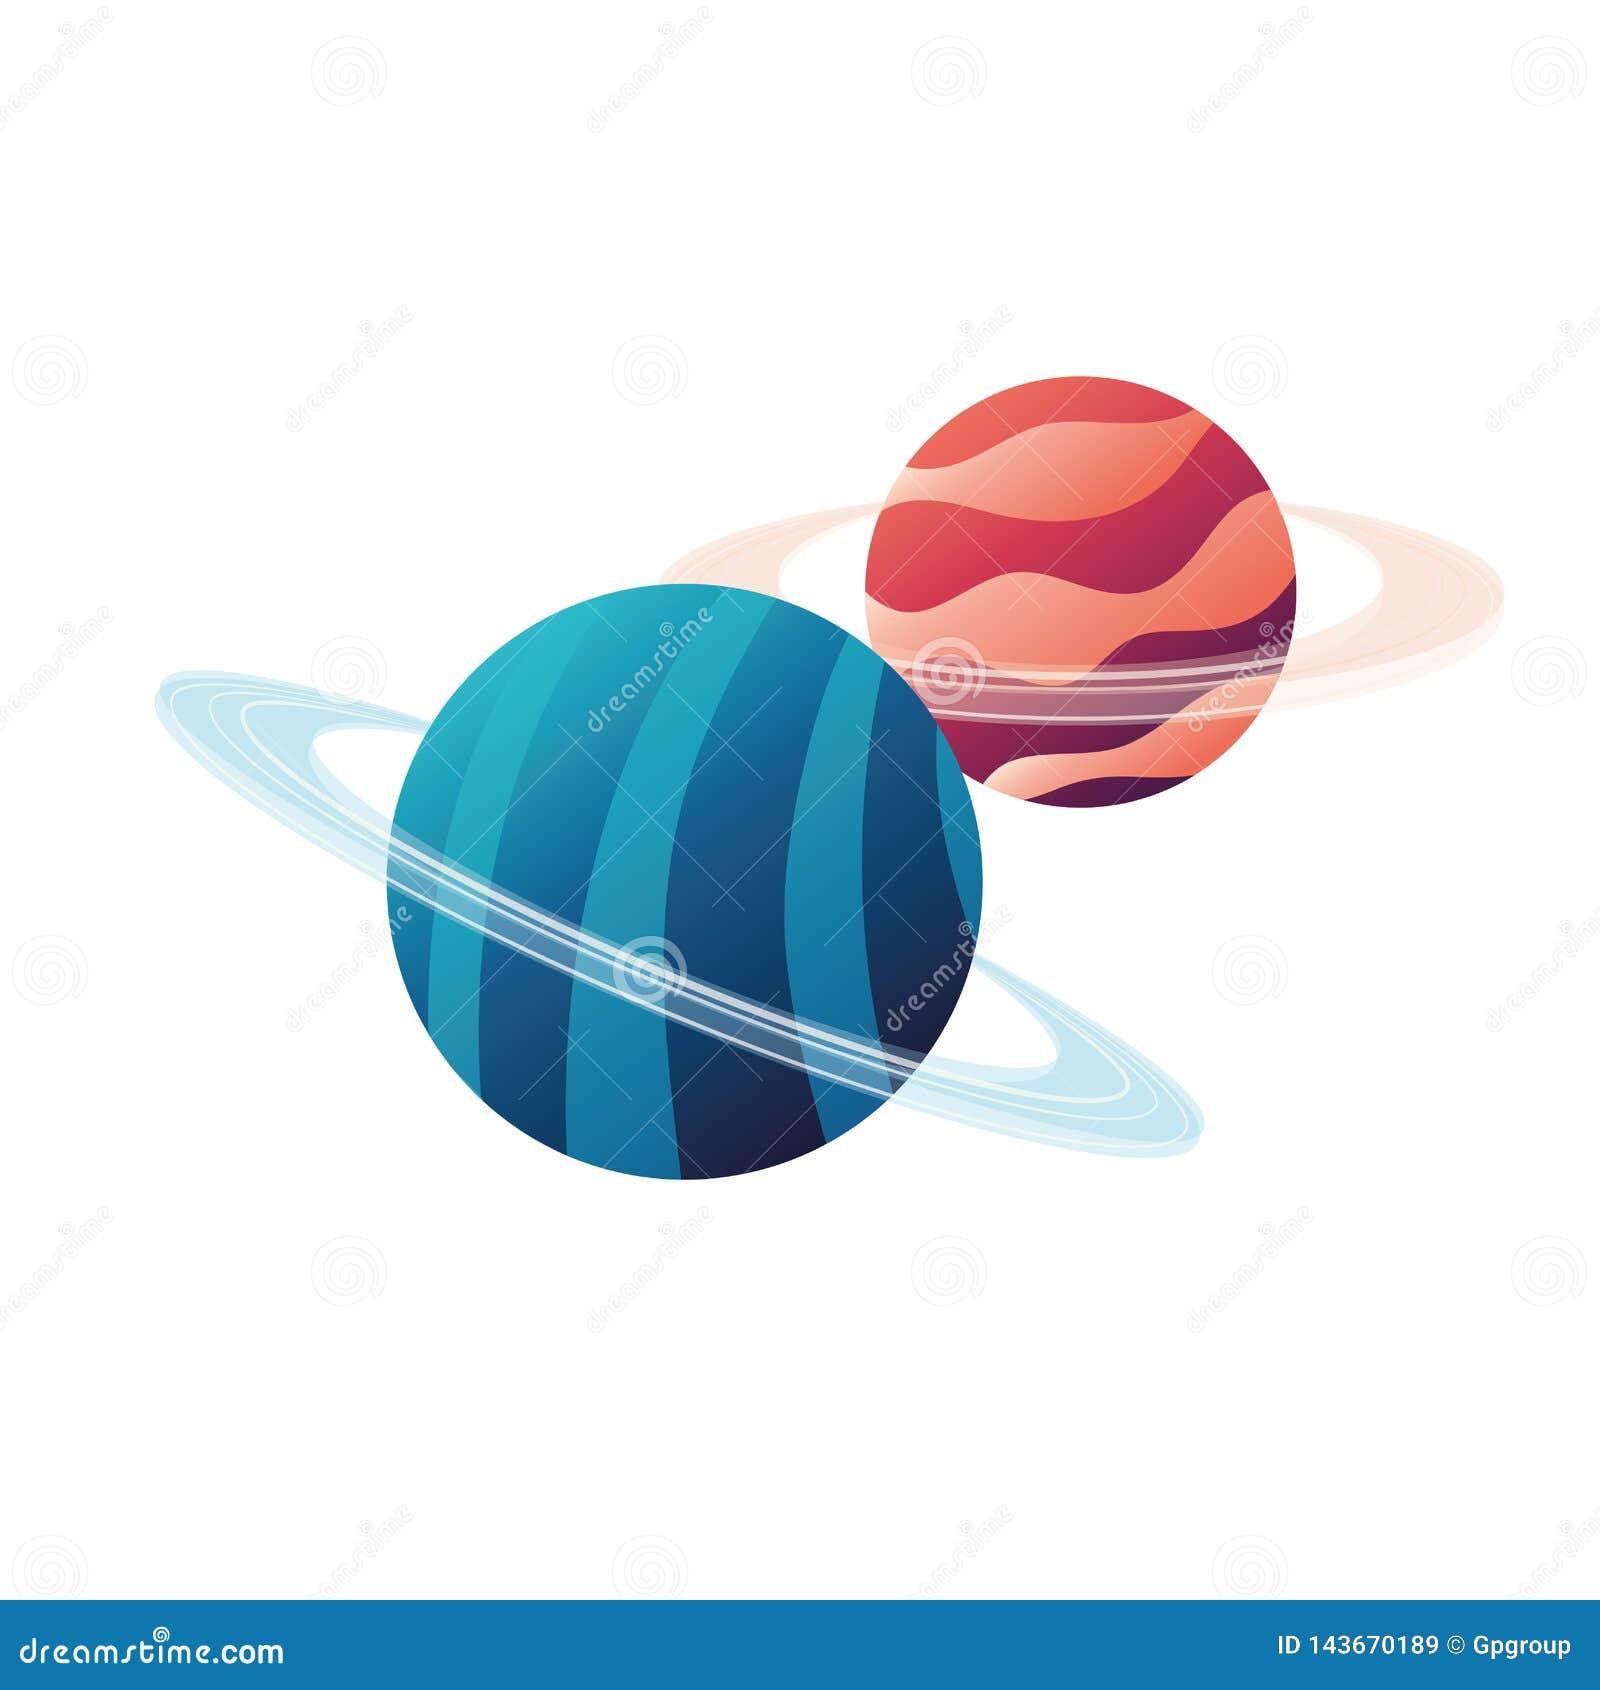 Planeta układ słoneczny odosobniona ikona